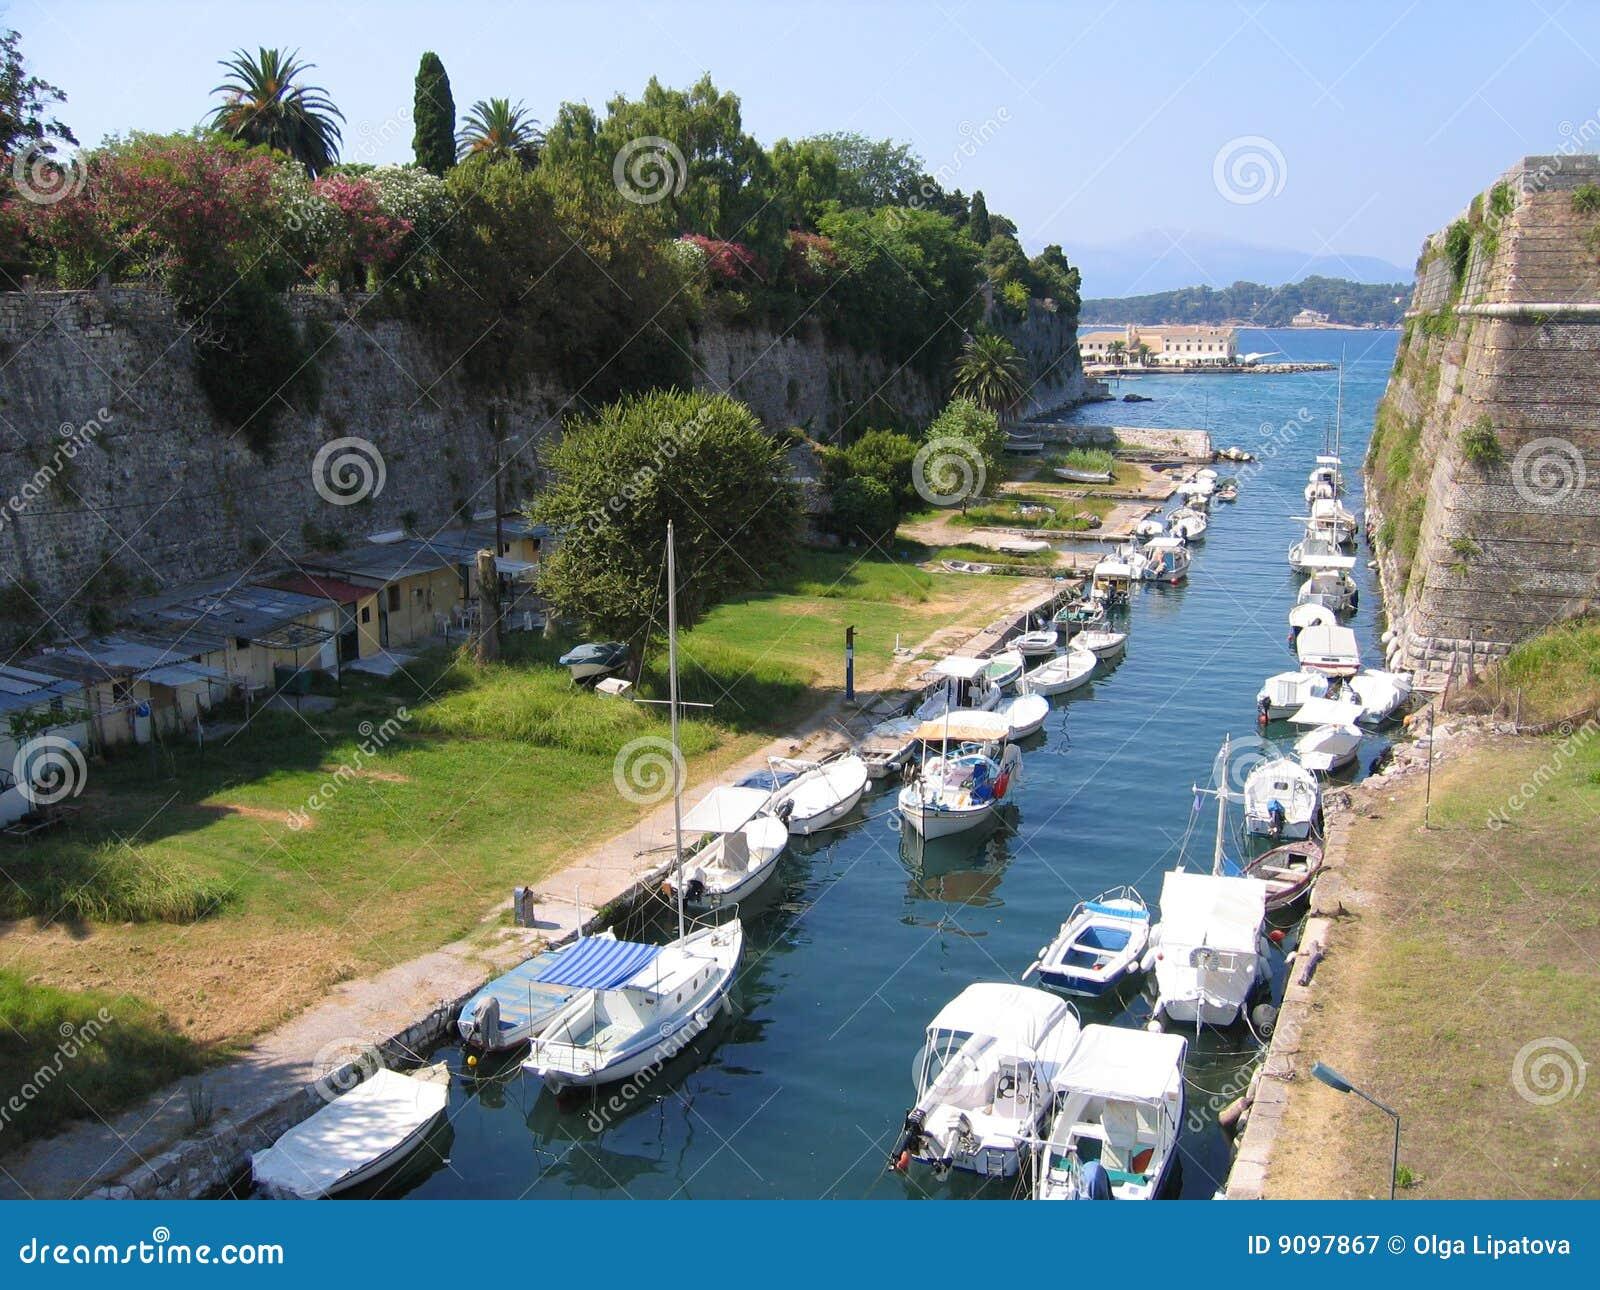 Fischerboote im Kanal außerhalb der alten Festung